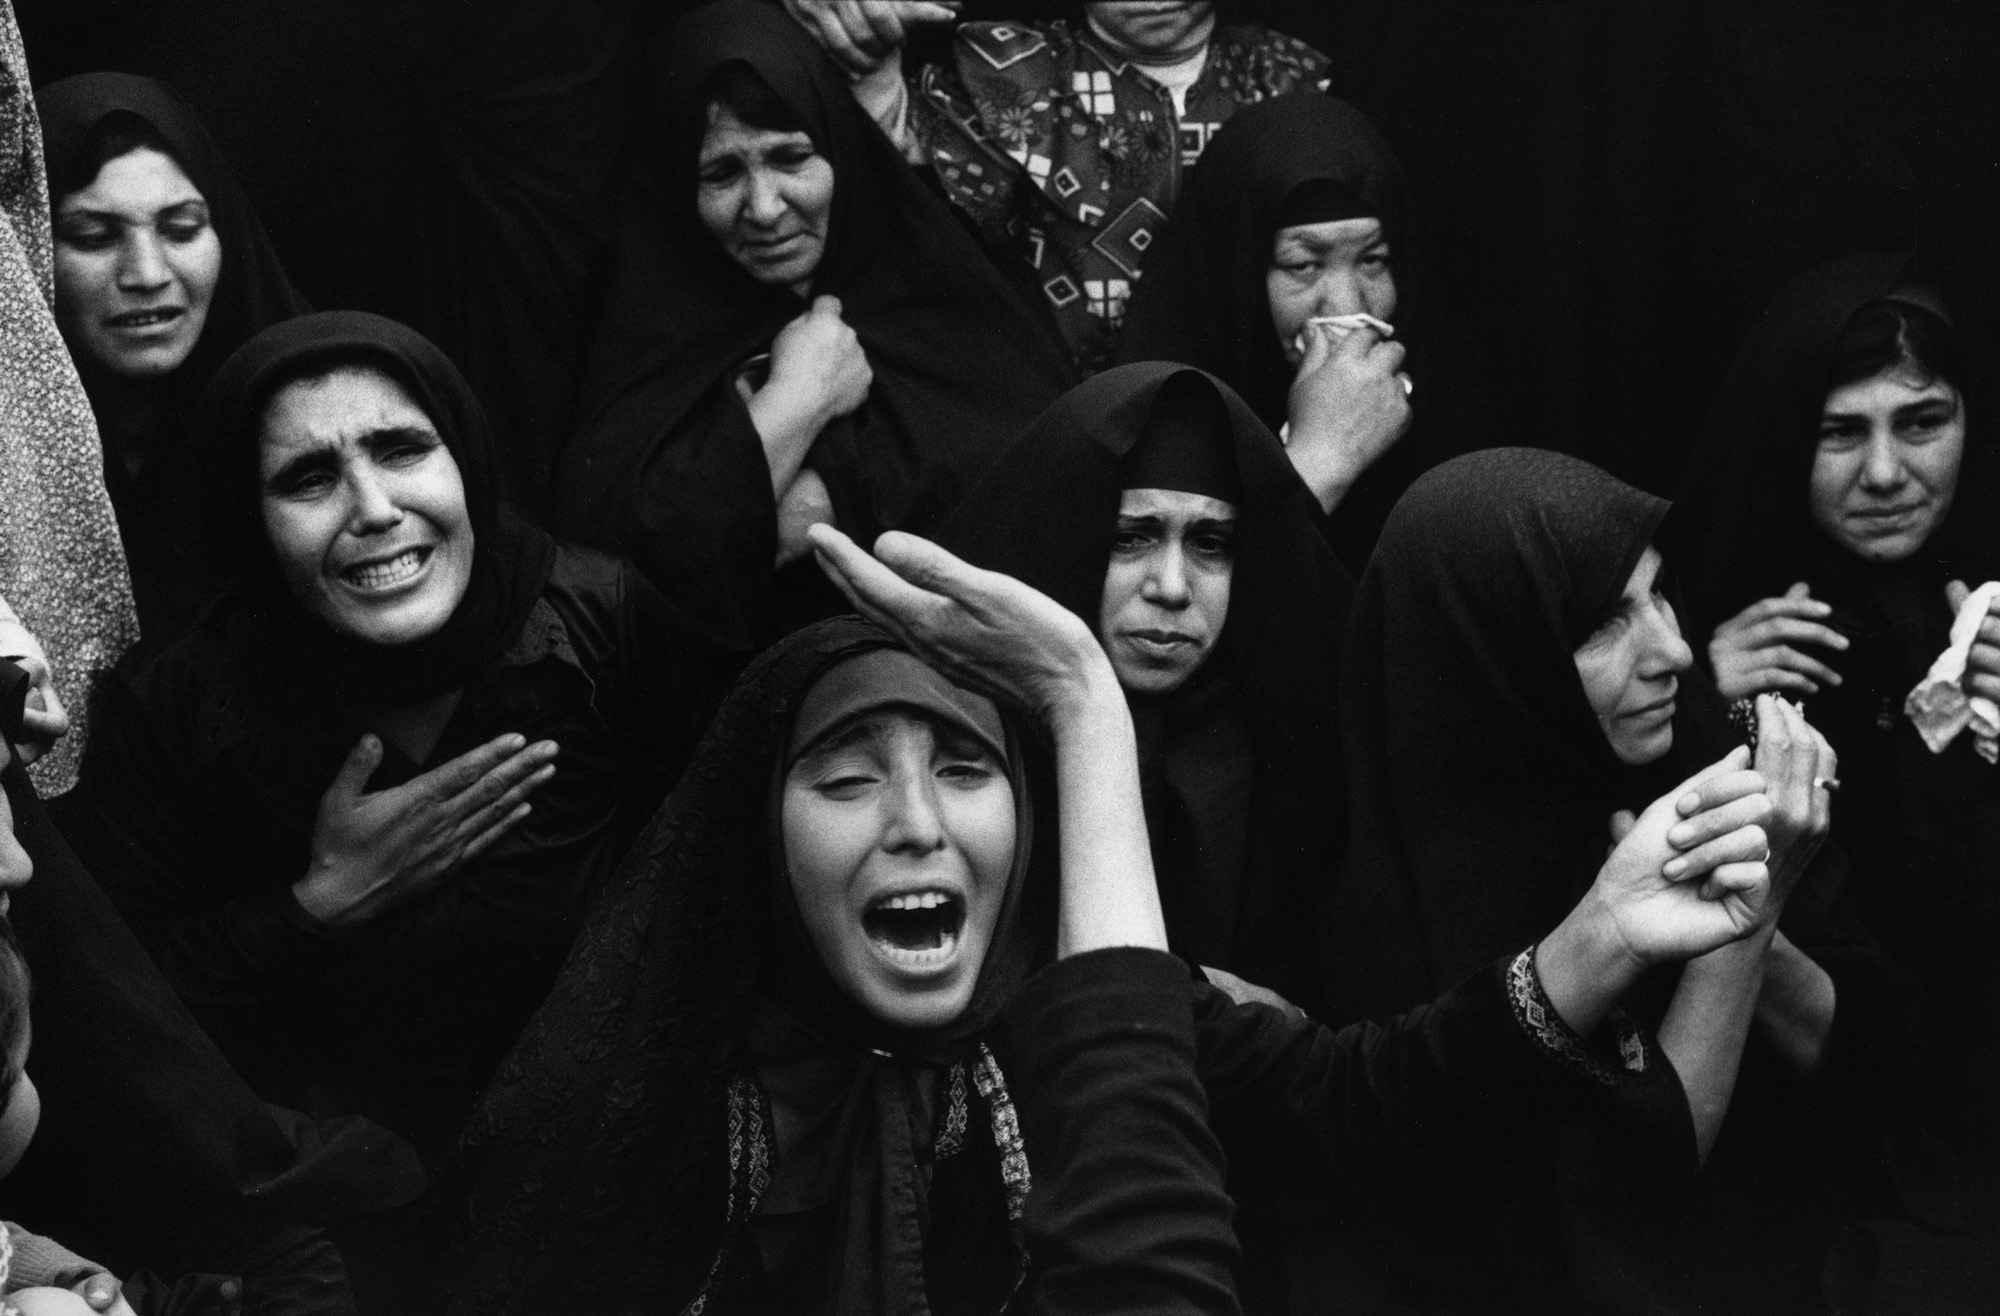 0131 - شهروندِ جهان (عباس عطار ۱۳۲۳-۱۳۹۷) - مگنوم, عکس اجتماعی, عباس عطار, شهروند جهان